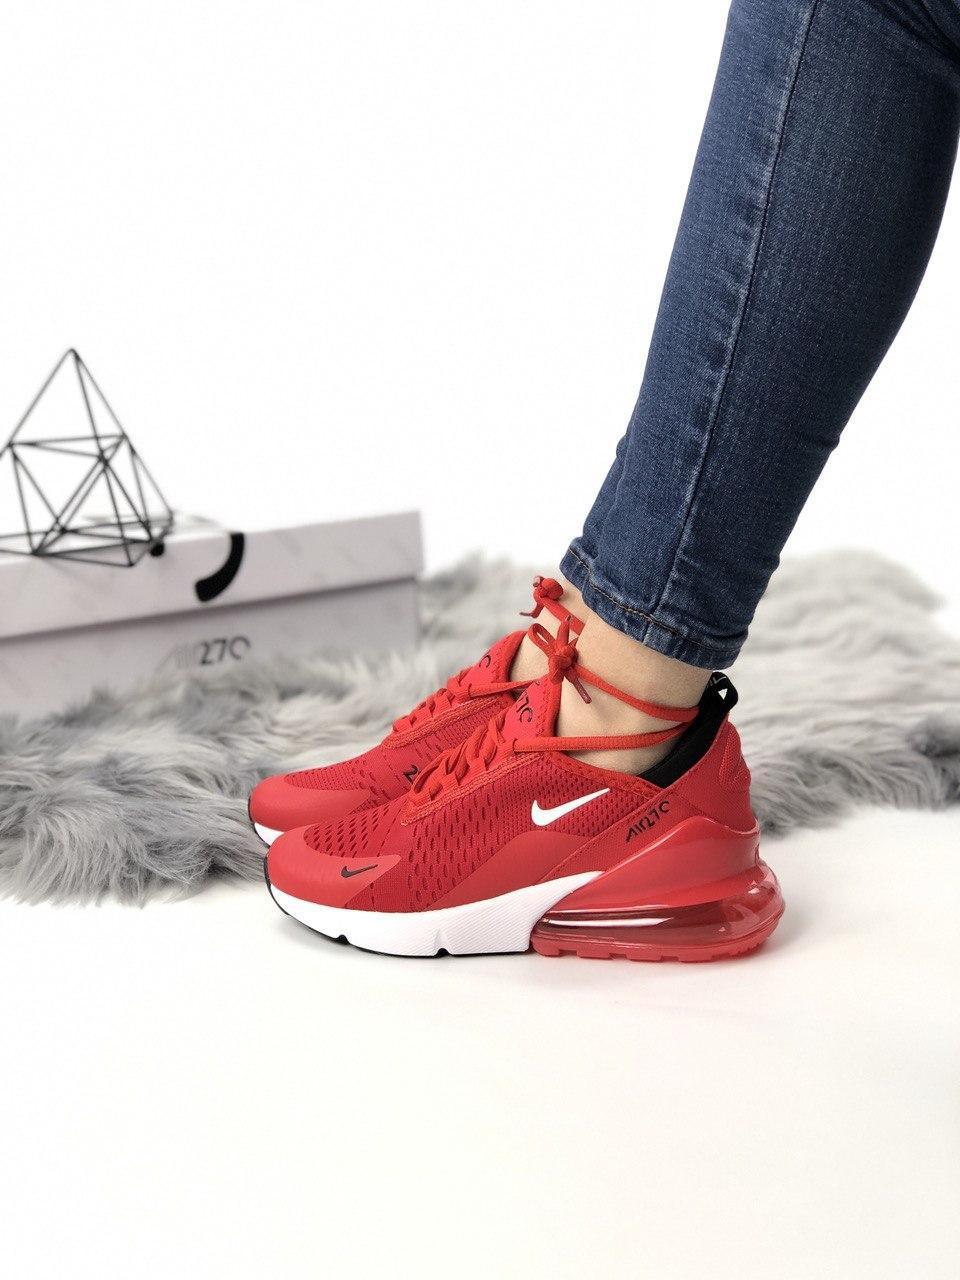 Женские стильные кроссовки Nike Air Max 270 ( 5 цветов)